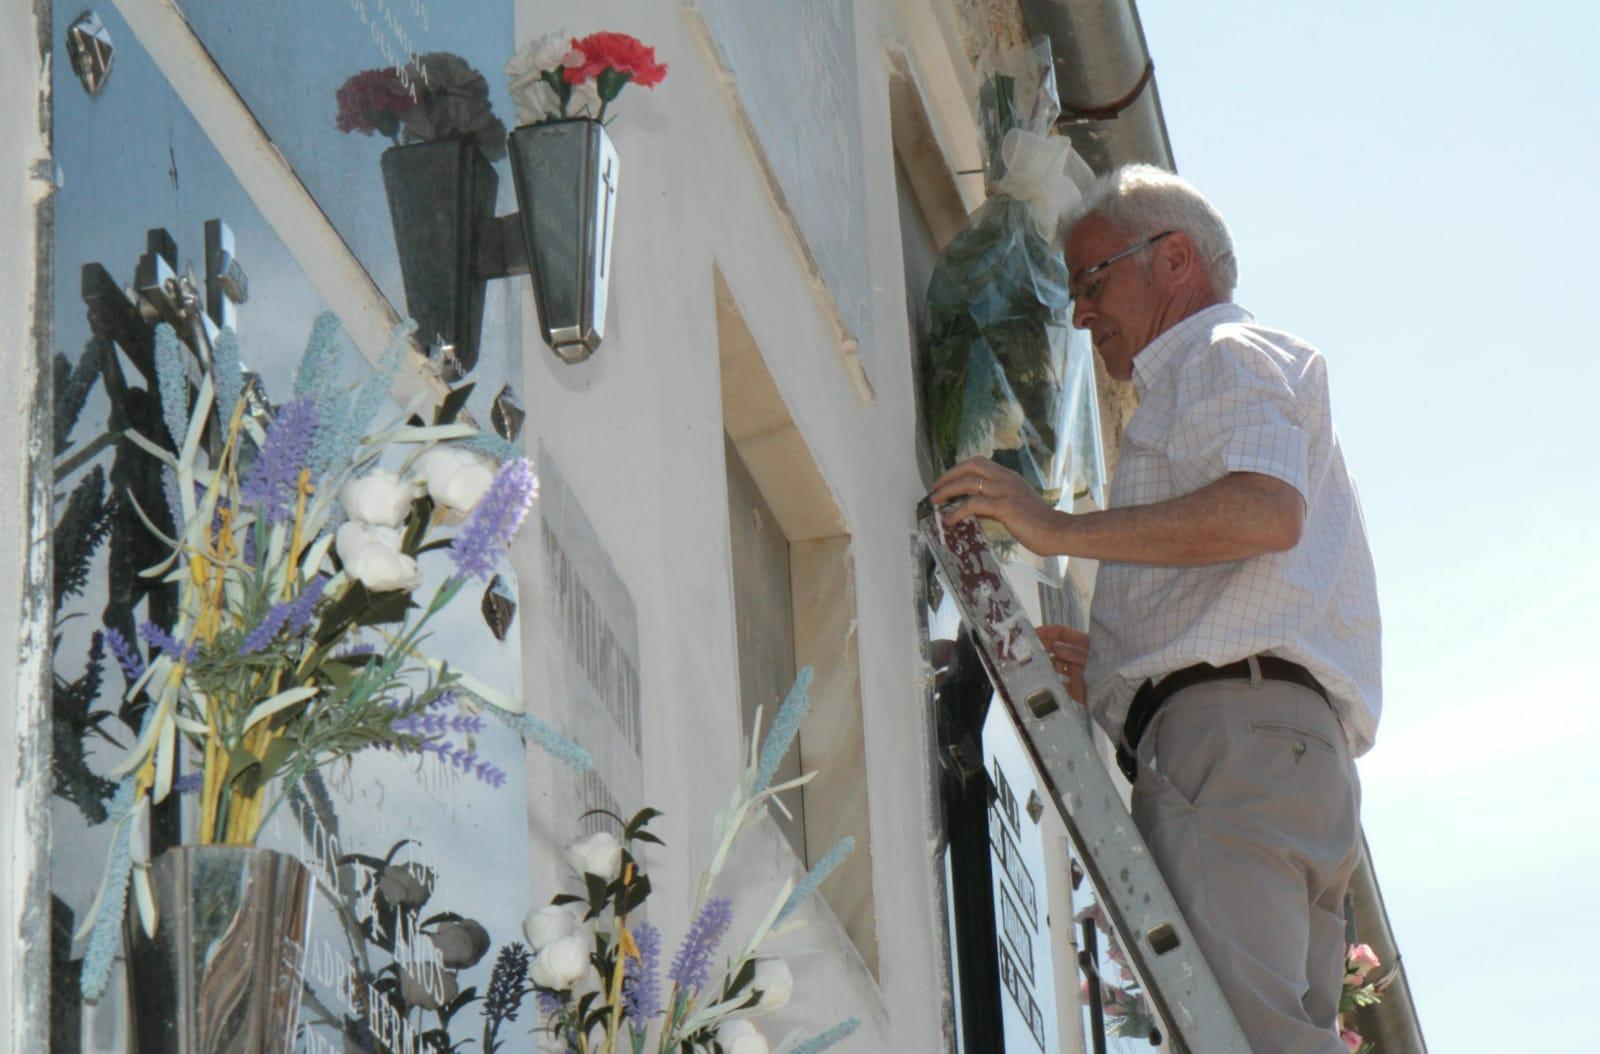 Intervención en el acto de recuerdo y homenaje a las víctimas del Golpe del 18 de Julio de 1936 y de la Dictadura franquista